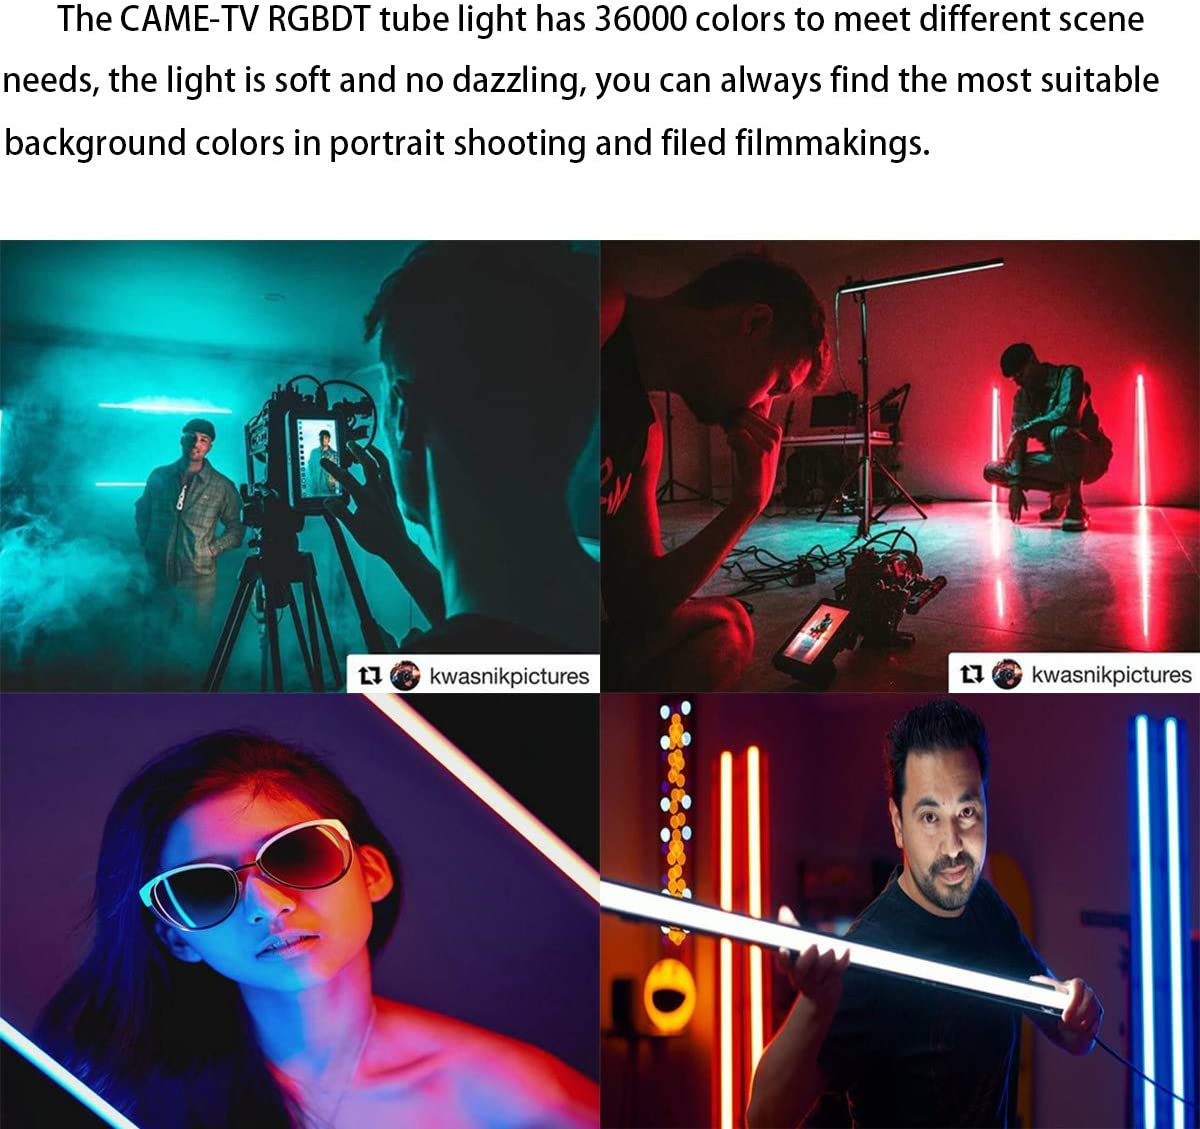 3FT RGBDT Light Came-TV Boltzen Andromeda RGBDT Slim LED Tube Lighting Studio Video Lights LED Photography Video Lighting 2000K-10000K for Interviews Video Studios YouTube Tube Light